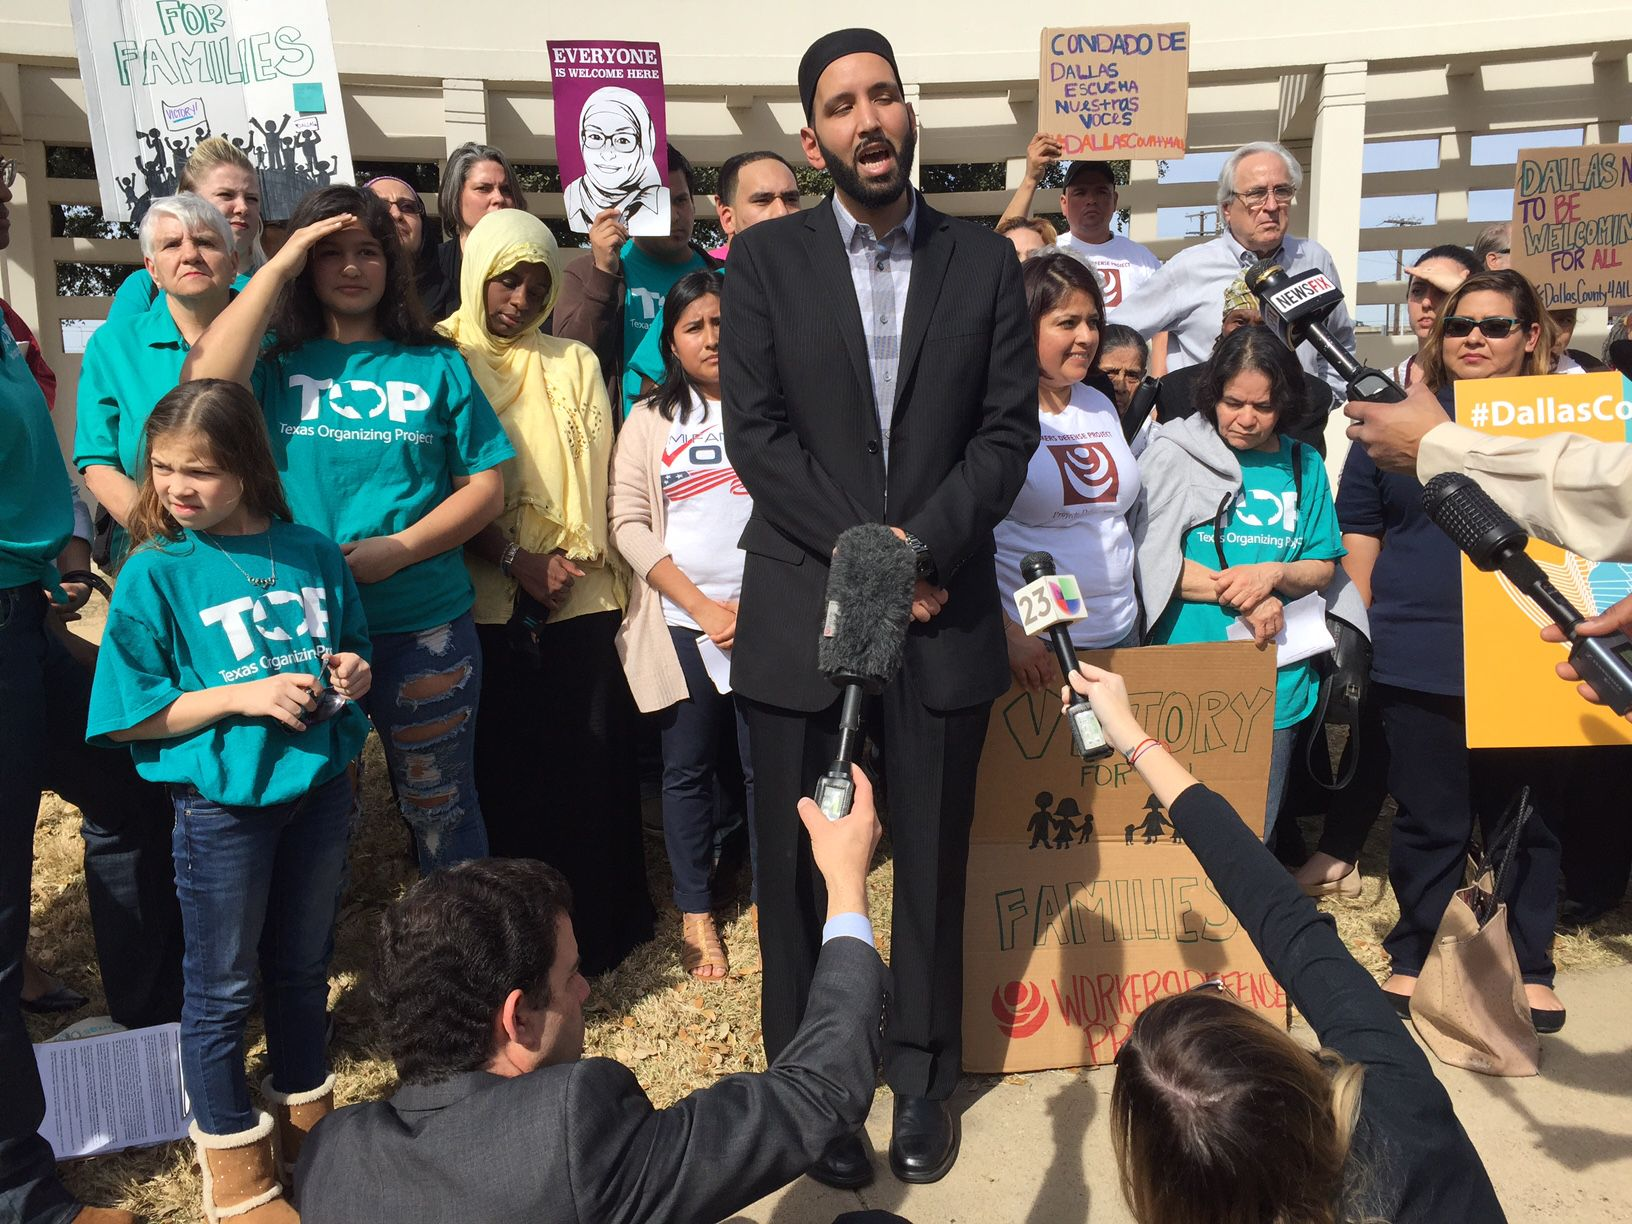 """El imán Omar Suleiman dijo que Dallas puede seguir siendo un modelo para el resto de Estados Unidos, luego de que la corte de comisionados del condado aprobara la resolución """"Welcoming Communities""""."""